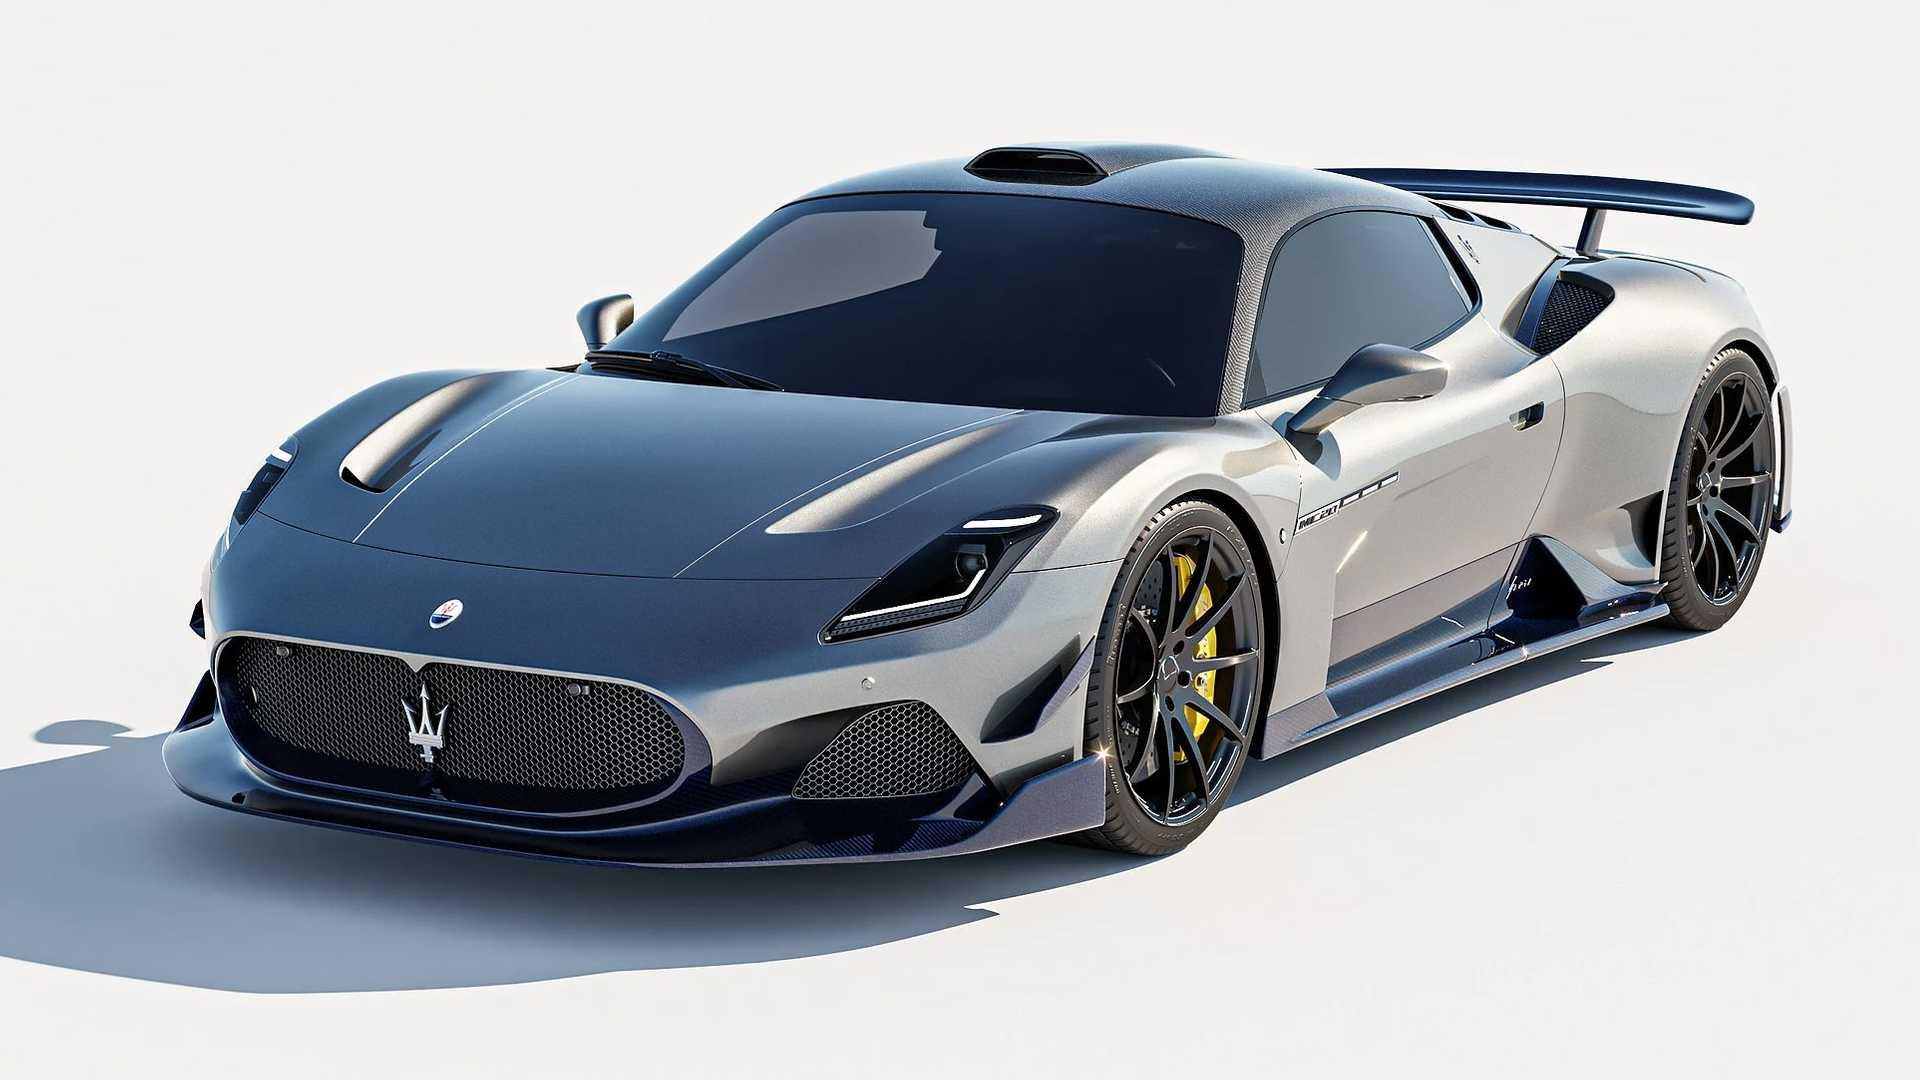 Дебютировавшая в сентябре прошлого года Maserati MC20 с тех пор так и не поступила в производство, а месяцем ранее на тесты вдруг снова выехали закамуфлированные образцы. Неужели компания решила что-то поменять в последний момент? Так или иначе, тюнерам надоело ждать, и они спроектировали для новинки стильный обвес.